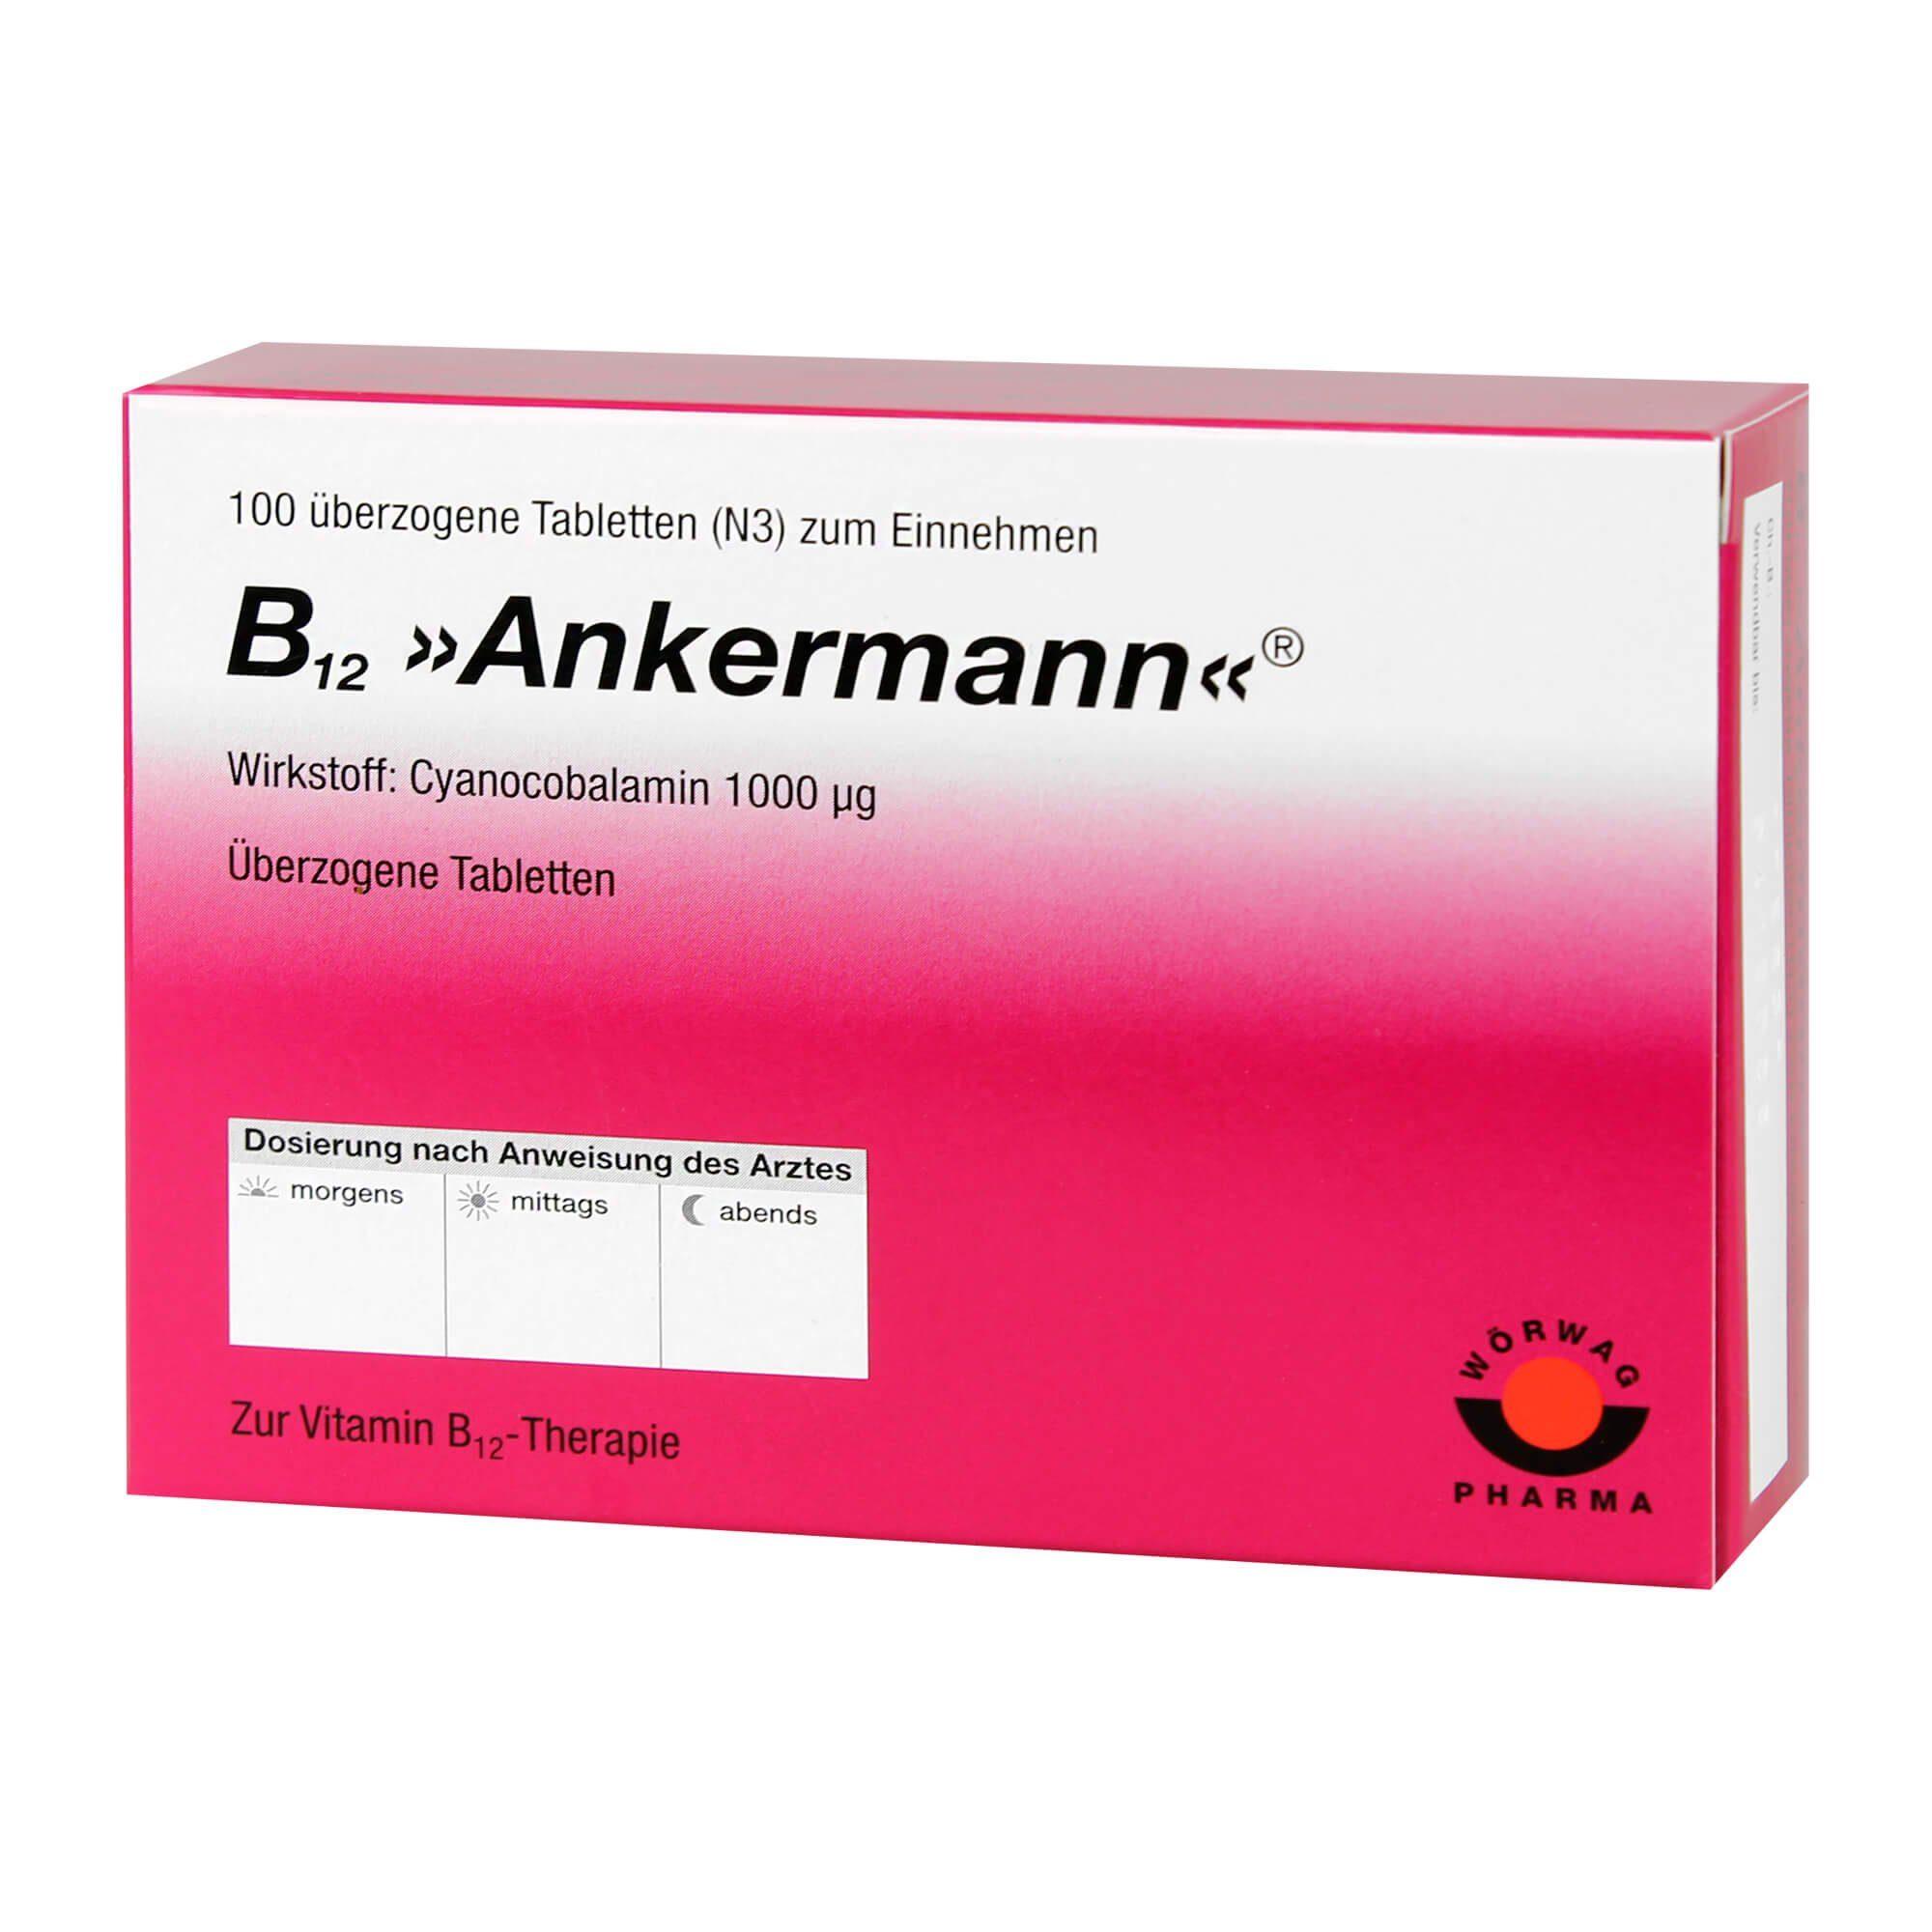 B12 Ankermann überzogene Tabletten , 100 St